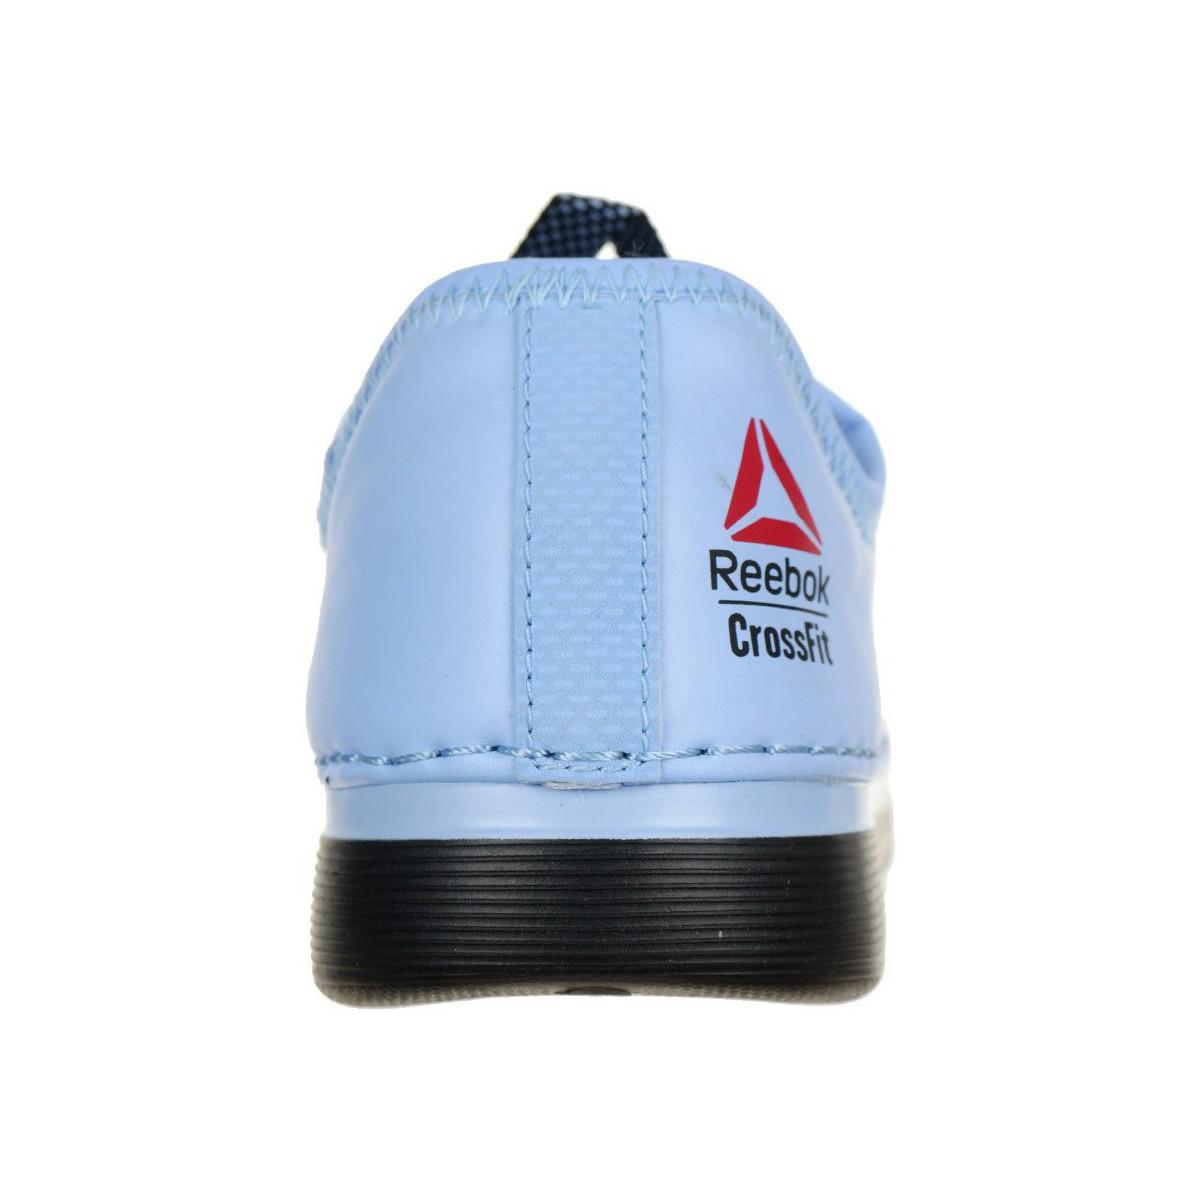 9999715f9ef1 Reebok Crossfit Nanossage Tr Women s Shoes (trainers) In Blue in ...